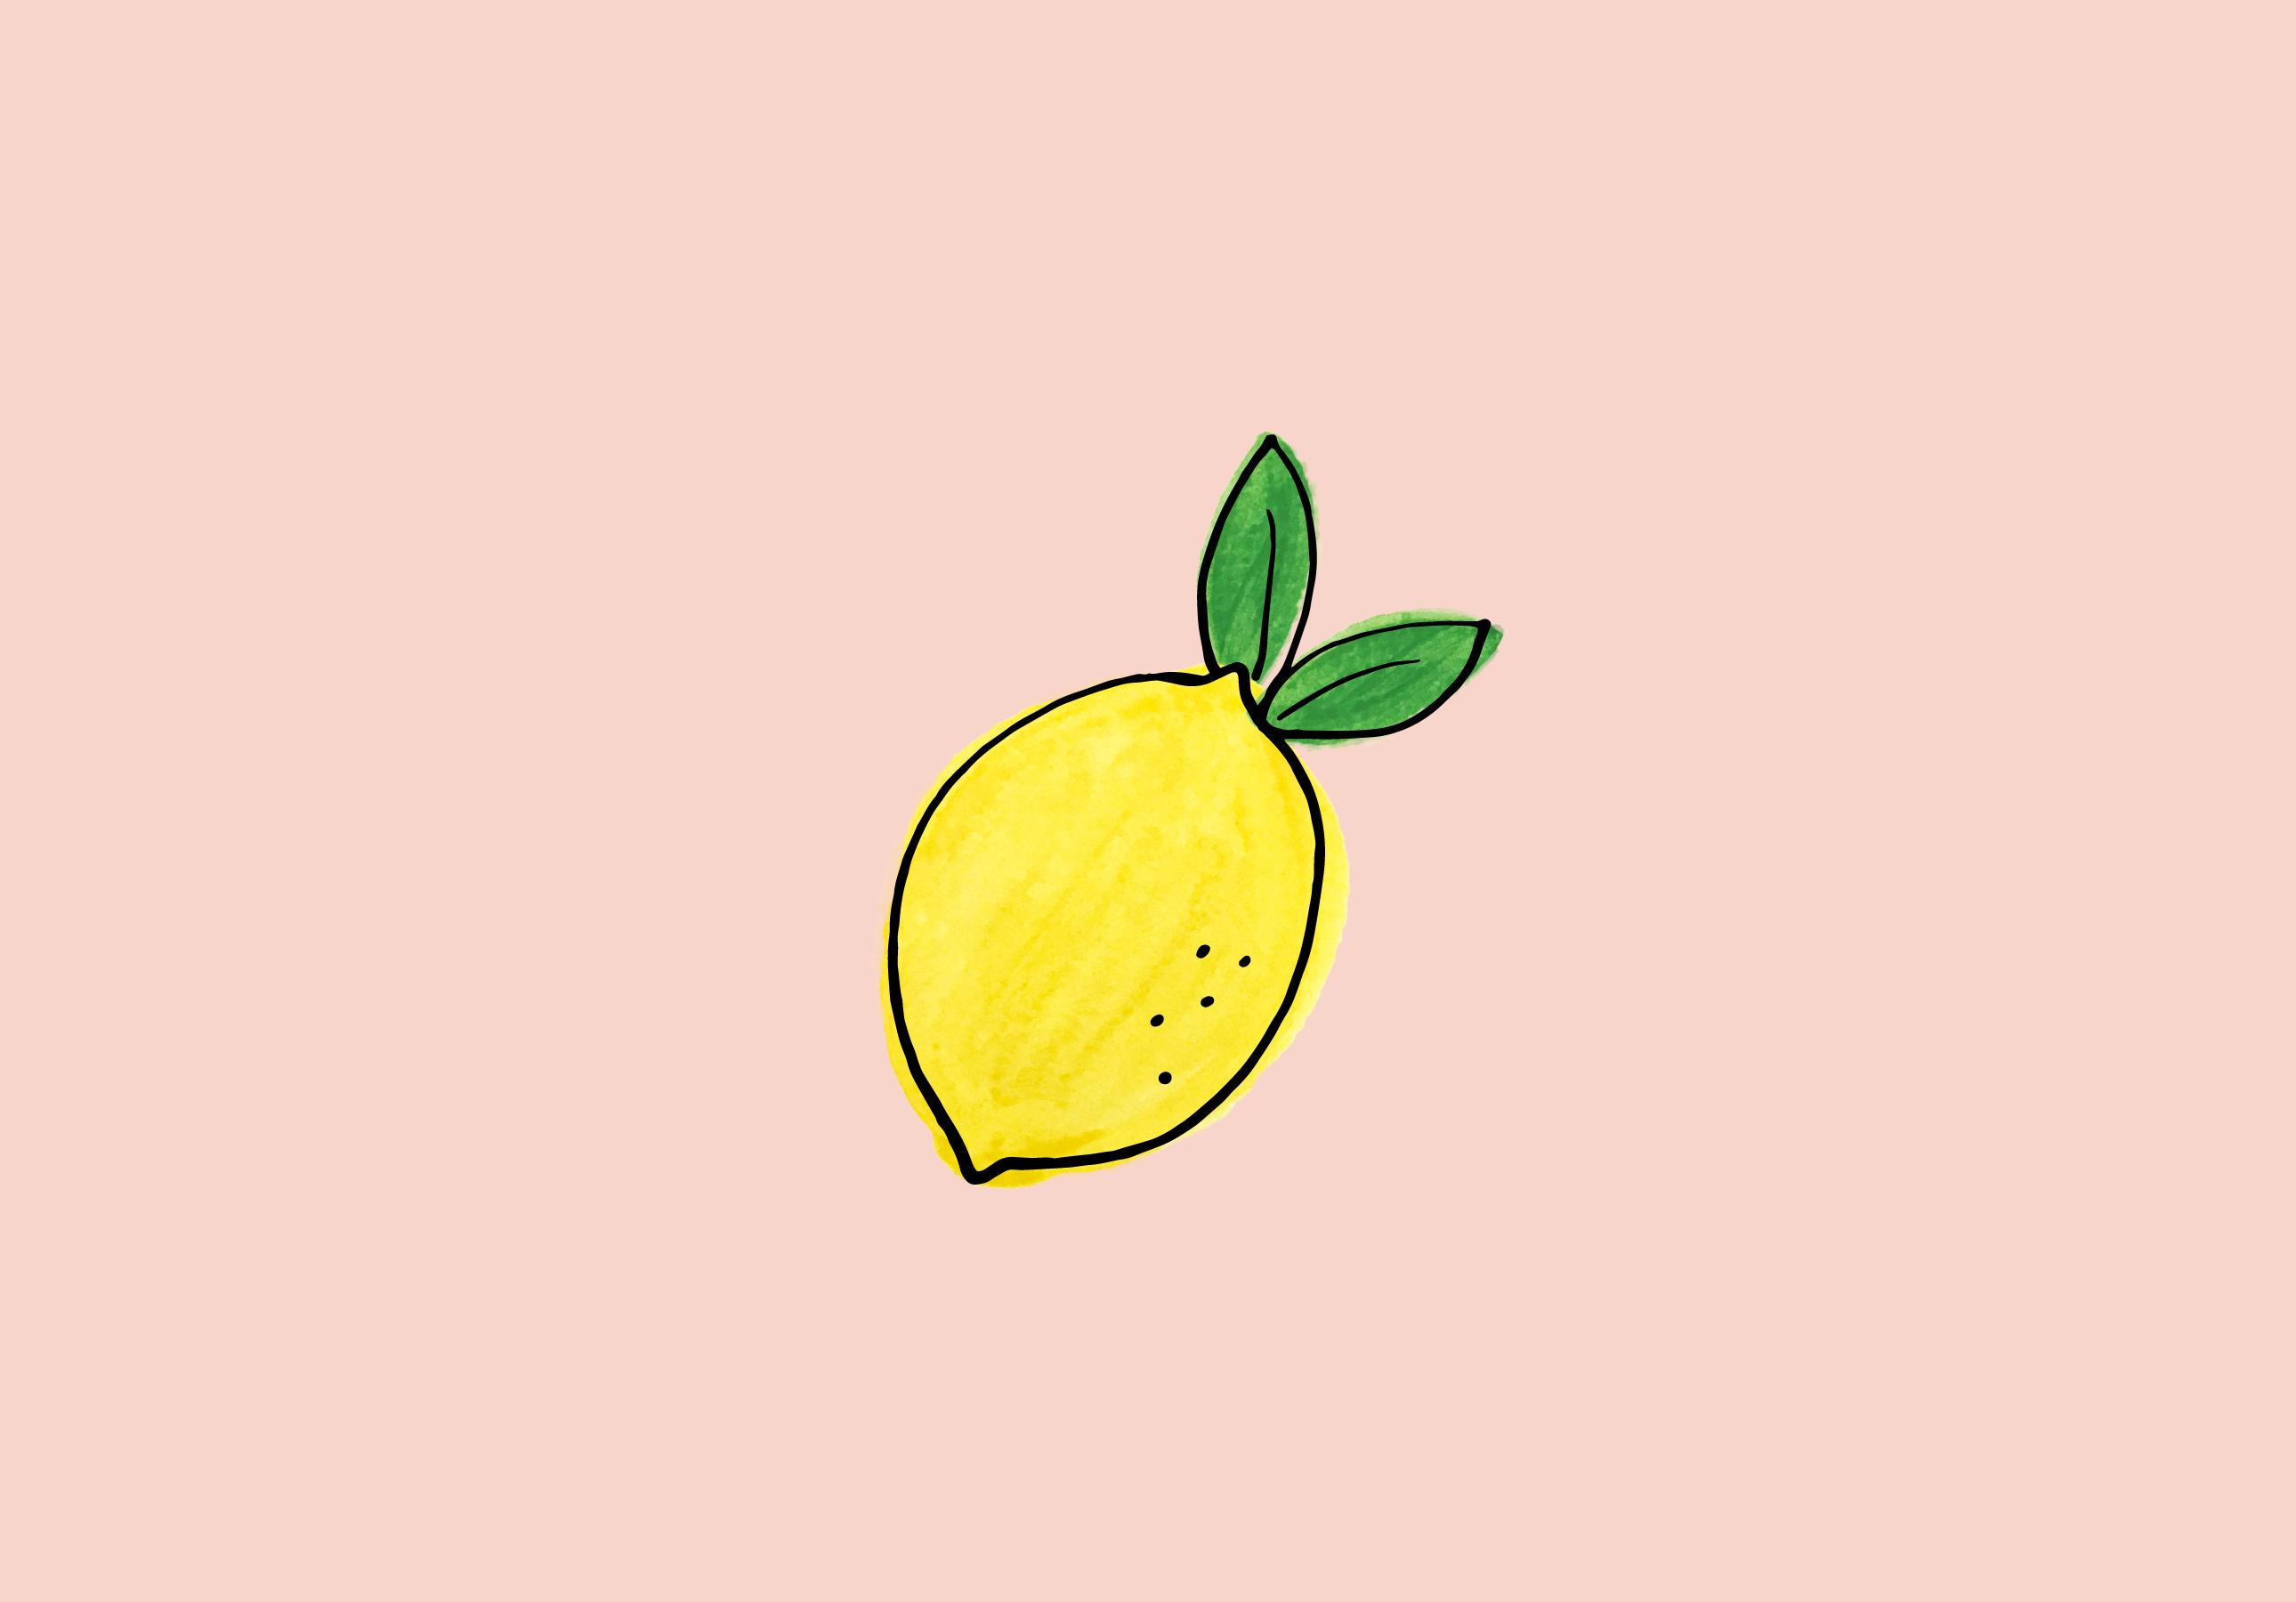 Aesthetic Wallpaper Lemon - HD Wallpaper